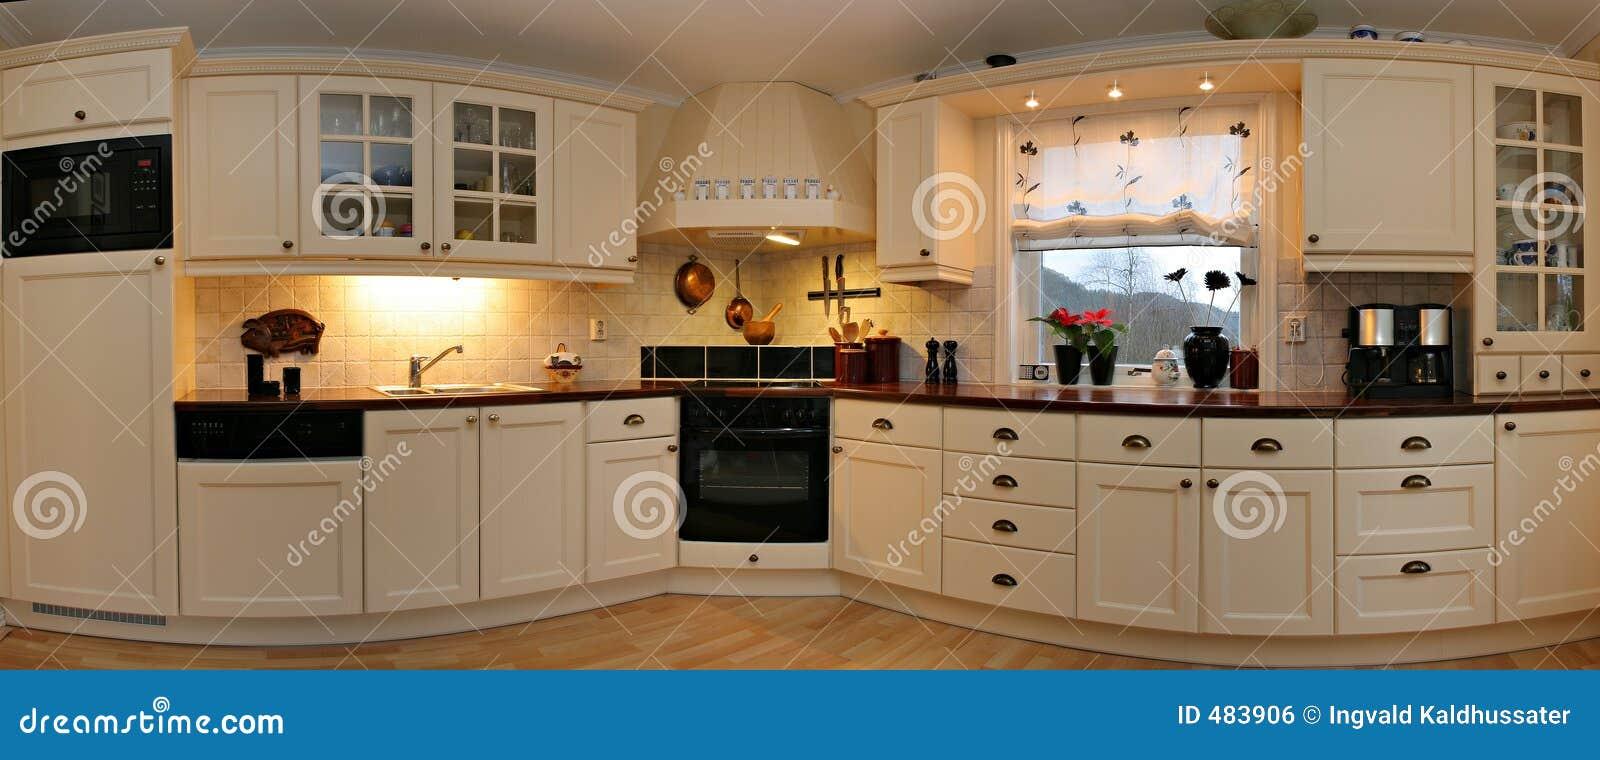 Kitchen Panorama Royalty Free Stock Image Image 483906